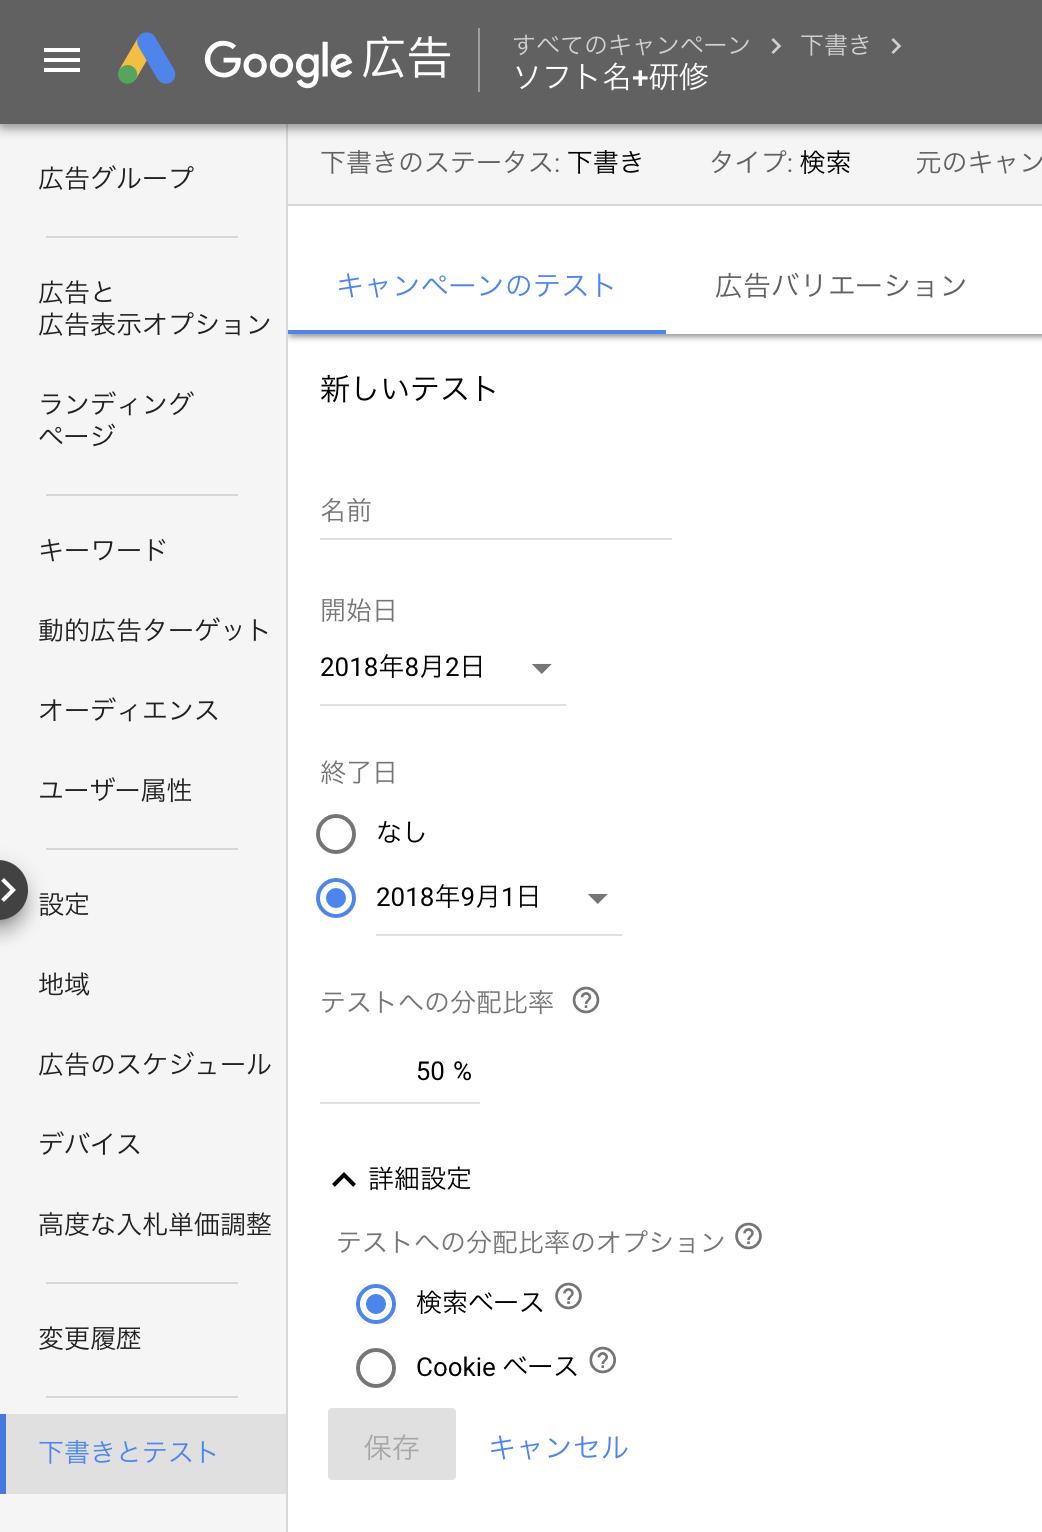 Google広告のテスト機能